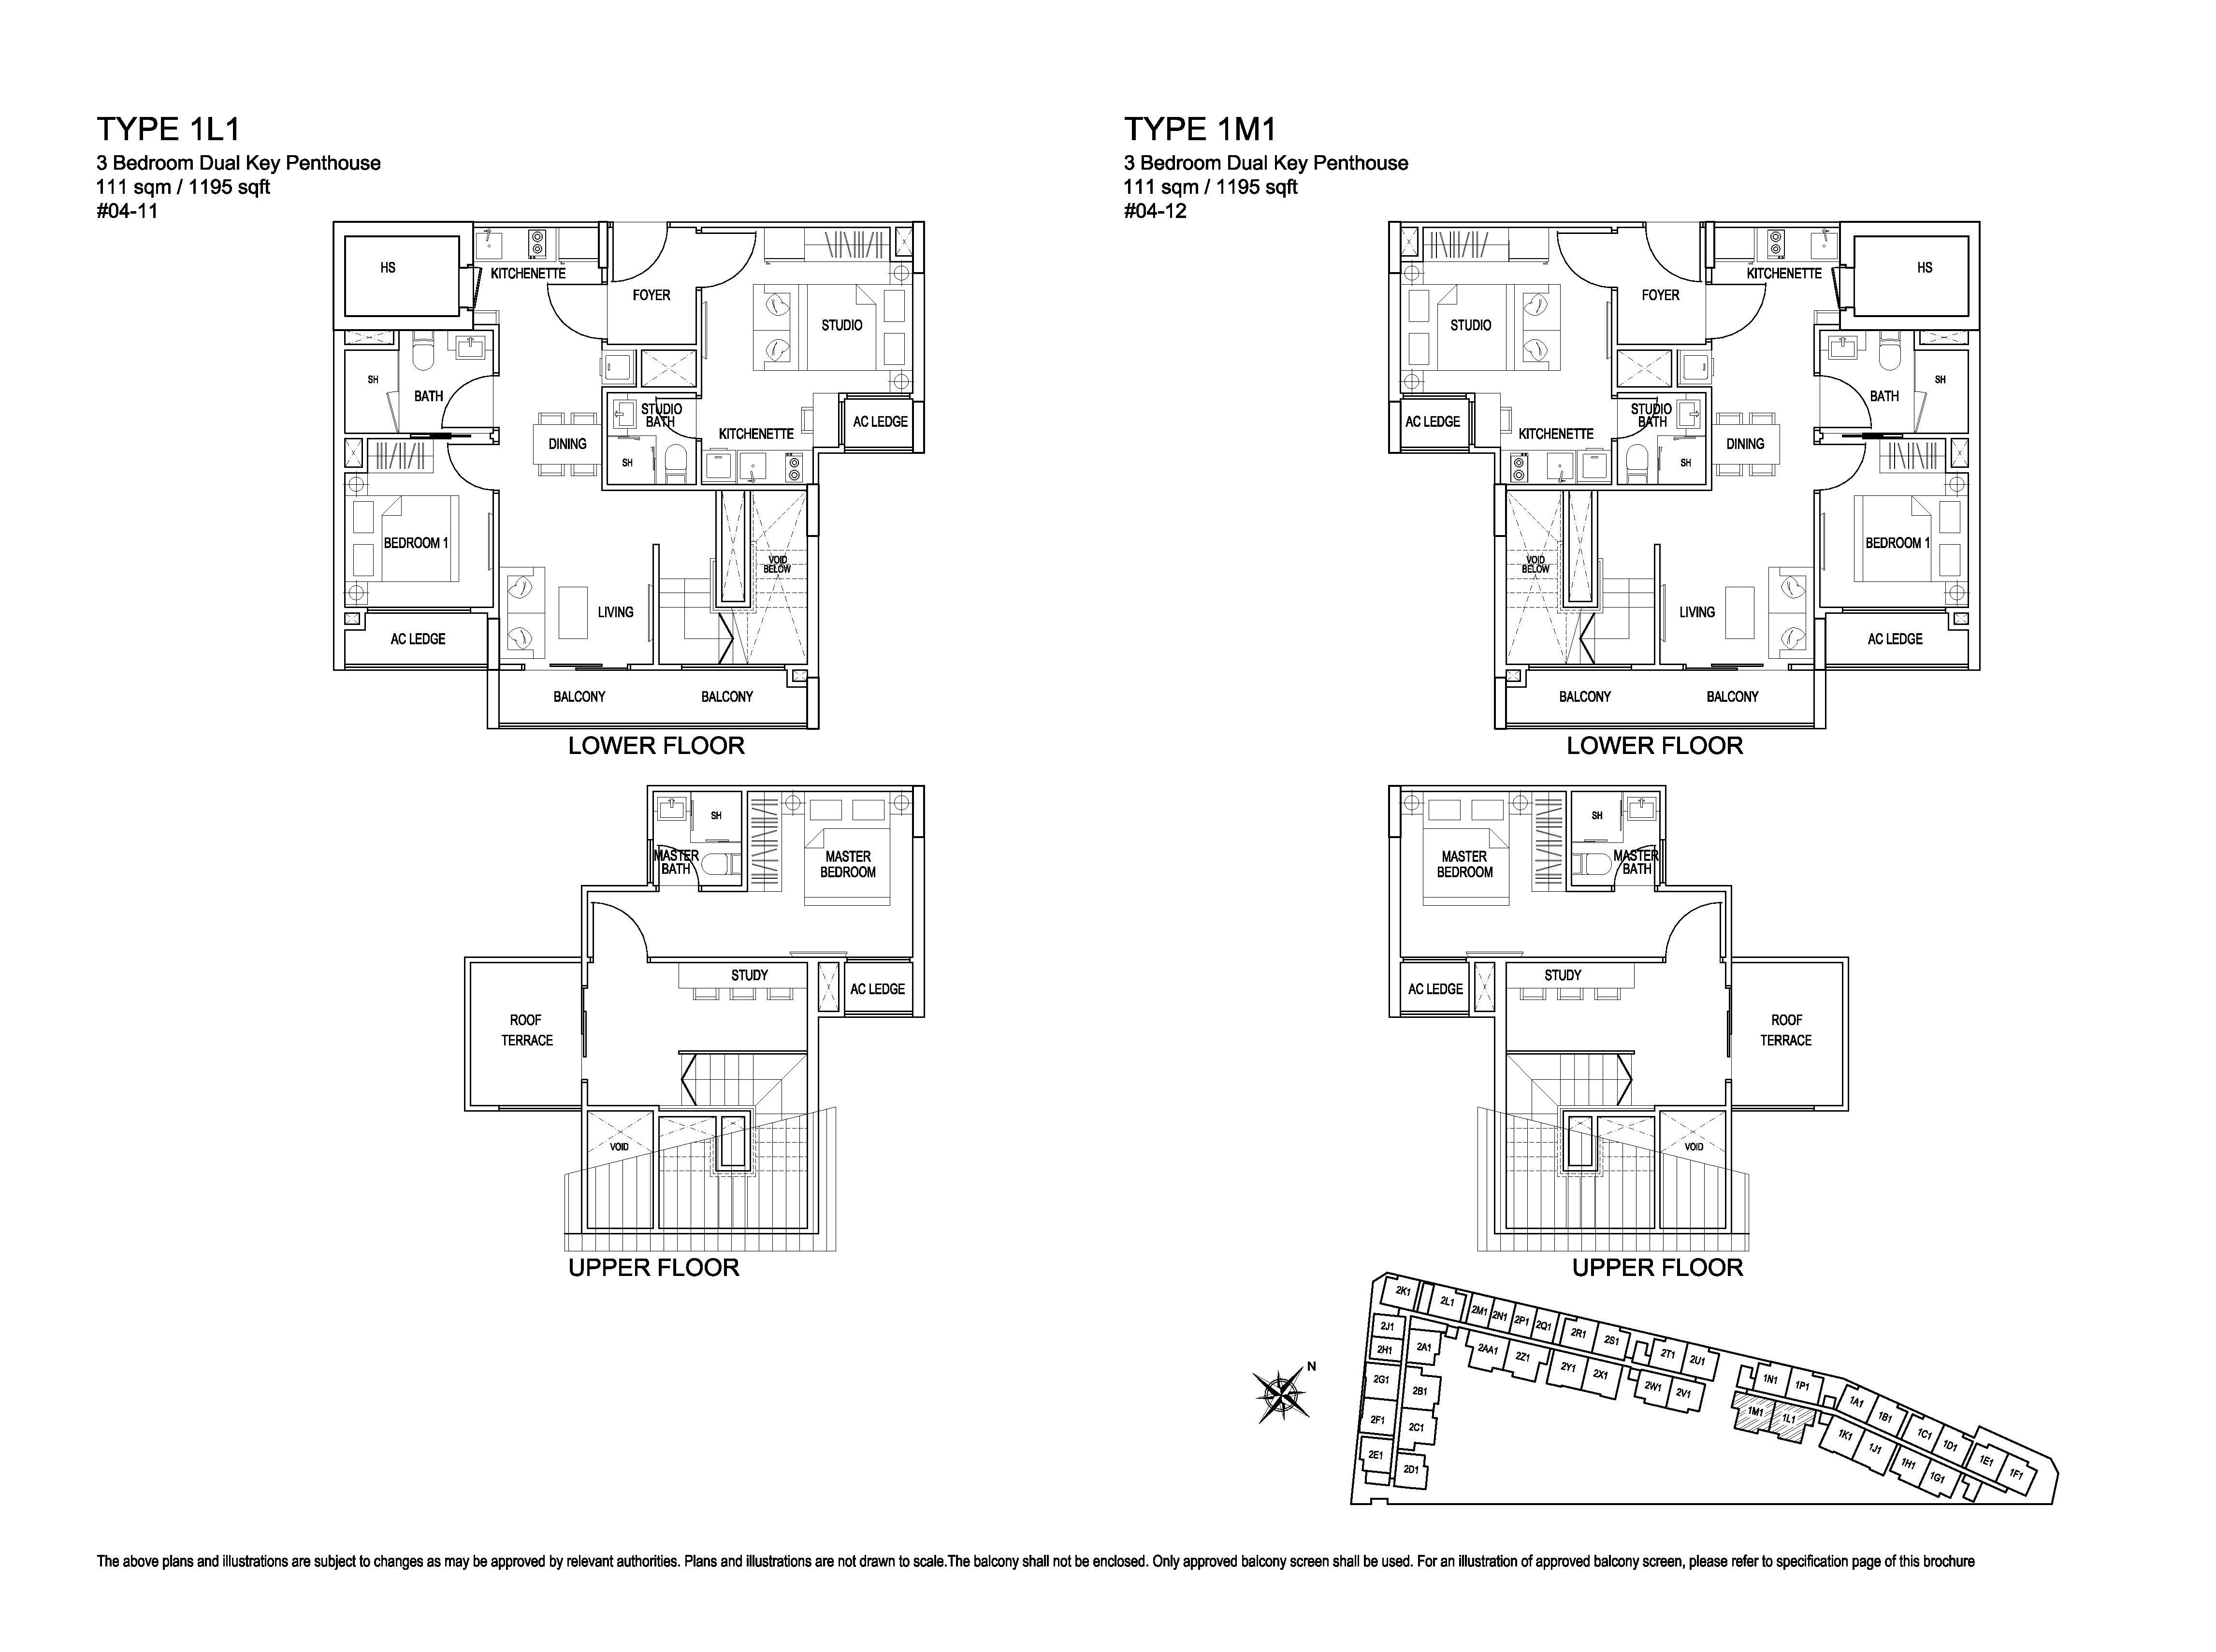 Kensington Square 3 Bedroom Dual Key Penthouse Floor Plans Type 1L1, 1M1